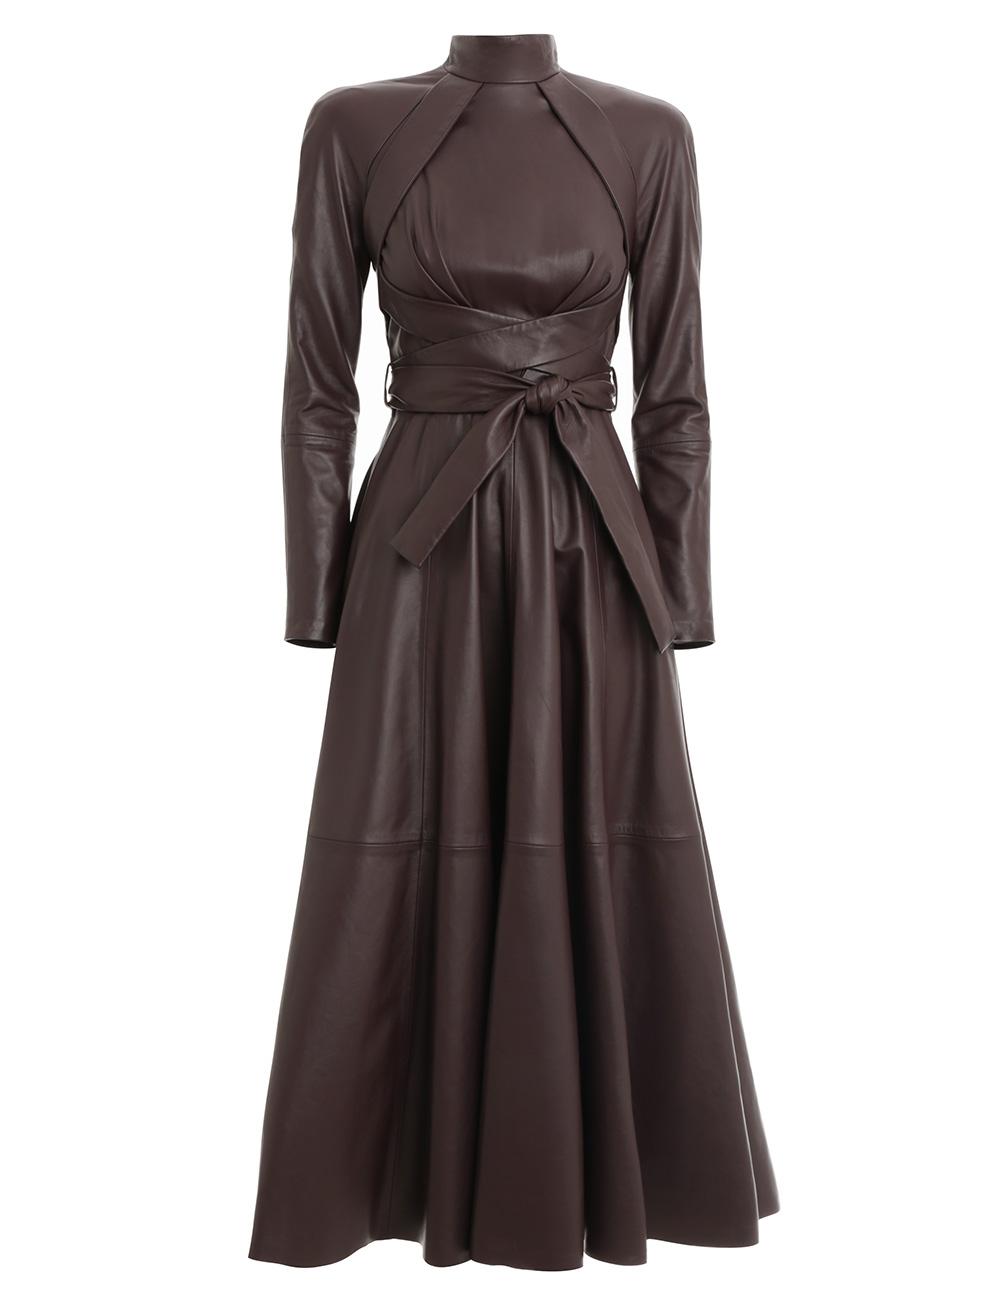 1b45369e39f0 Shop Designer Dresses Online | ZIMMERMANN